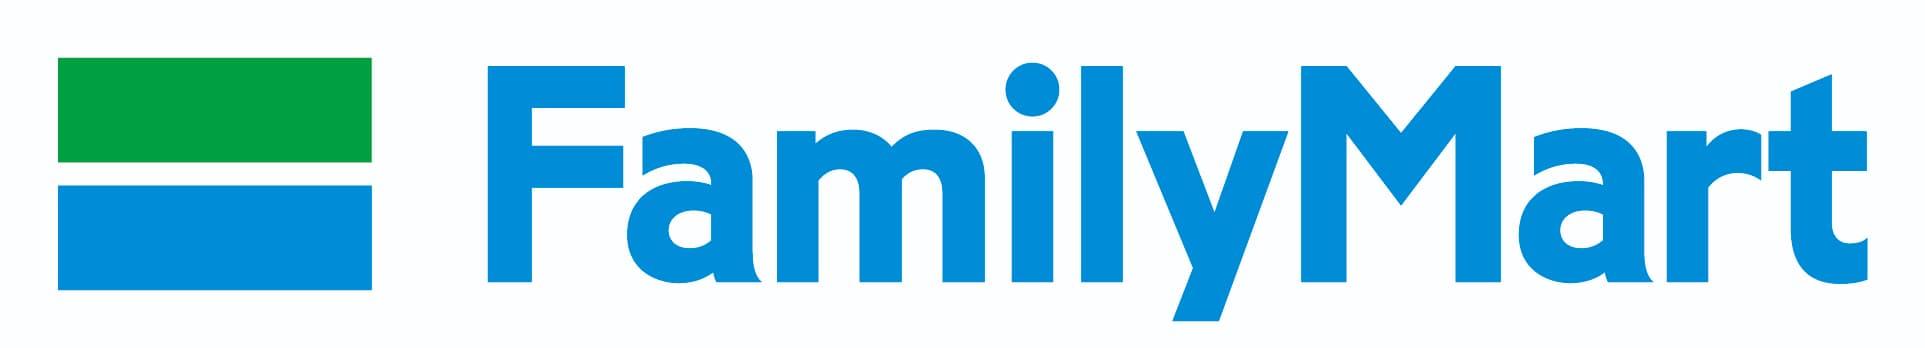 familymart ロゴ